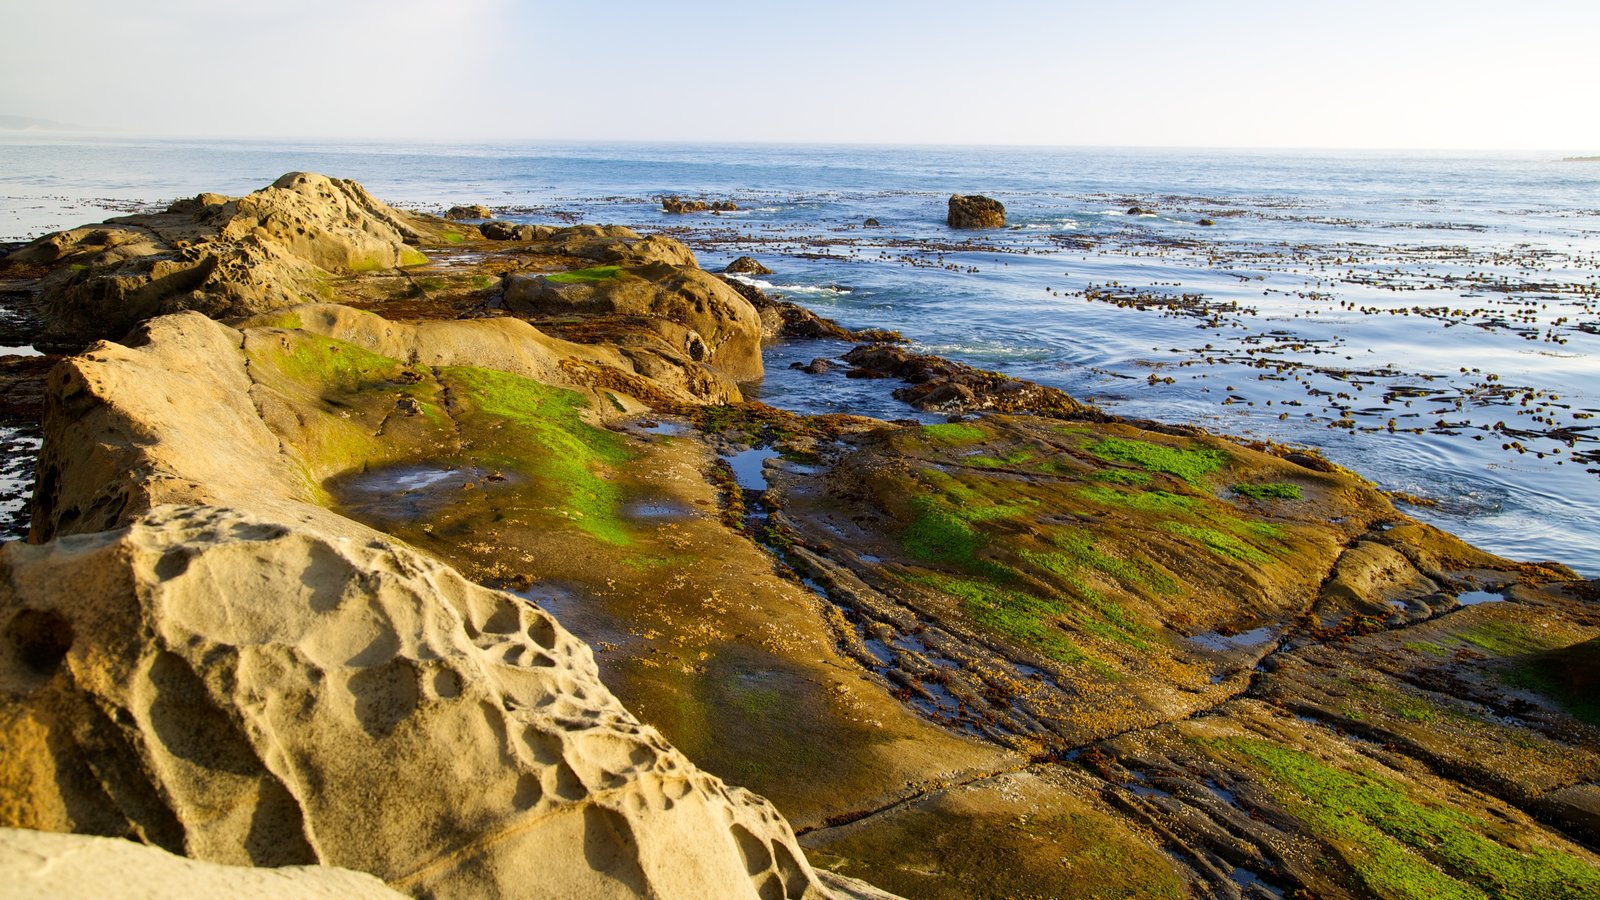 Parque estatal Cape Arago que incluye vistas generales de la costa